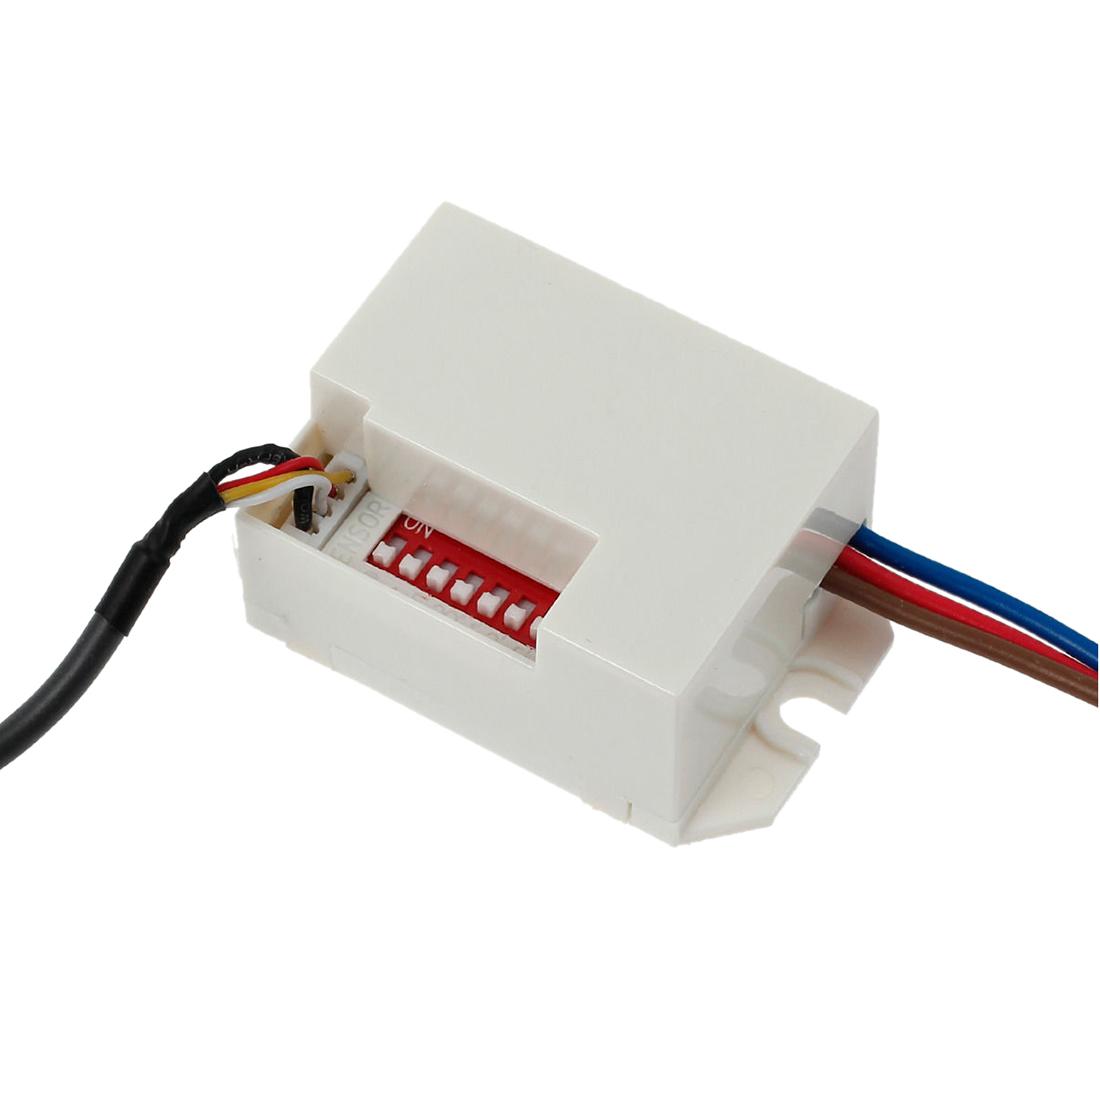 recessed pir sensor detector ceiling occupancy motion light switch bt. Black Bedroom Furniture Sets. Home Design Ideas